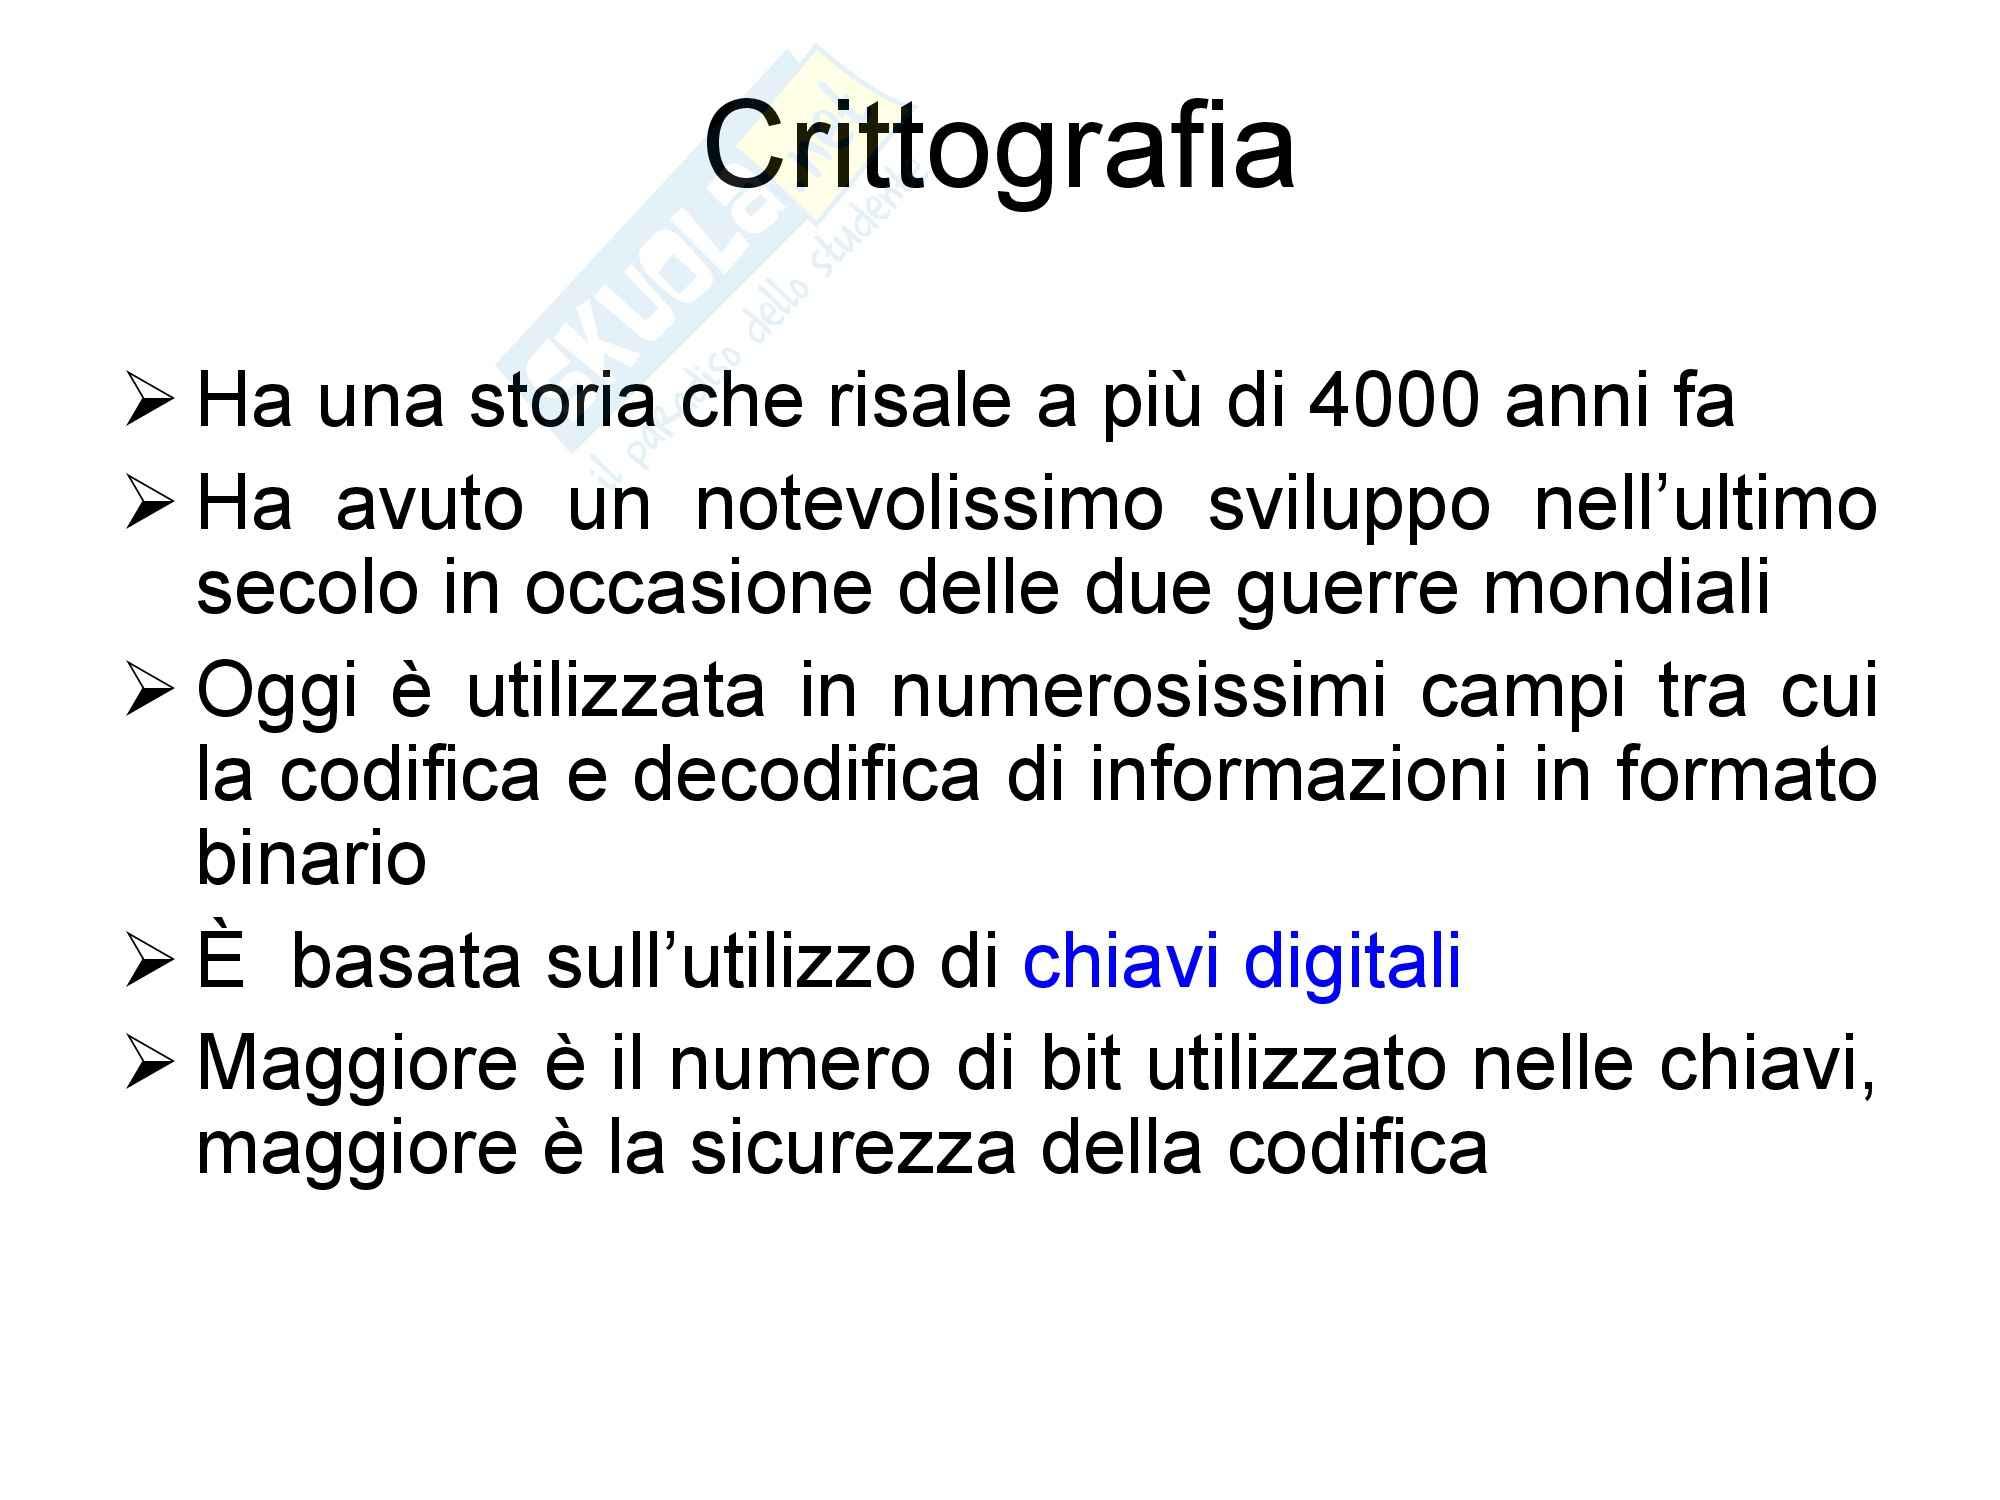 Sicurezza dei sistemi informatici - Crittografia Pag. 2